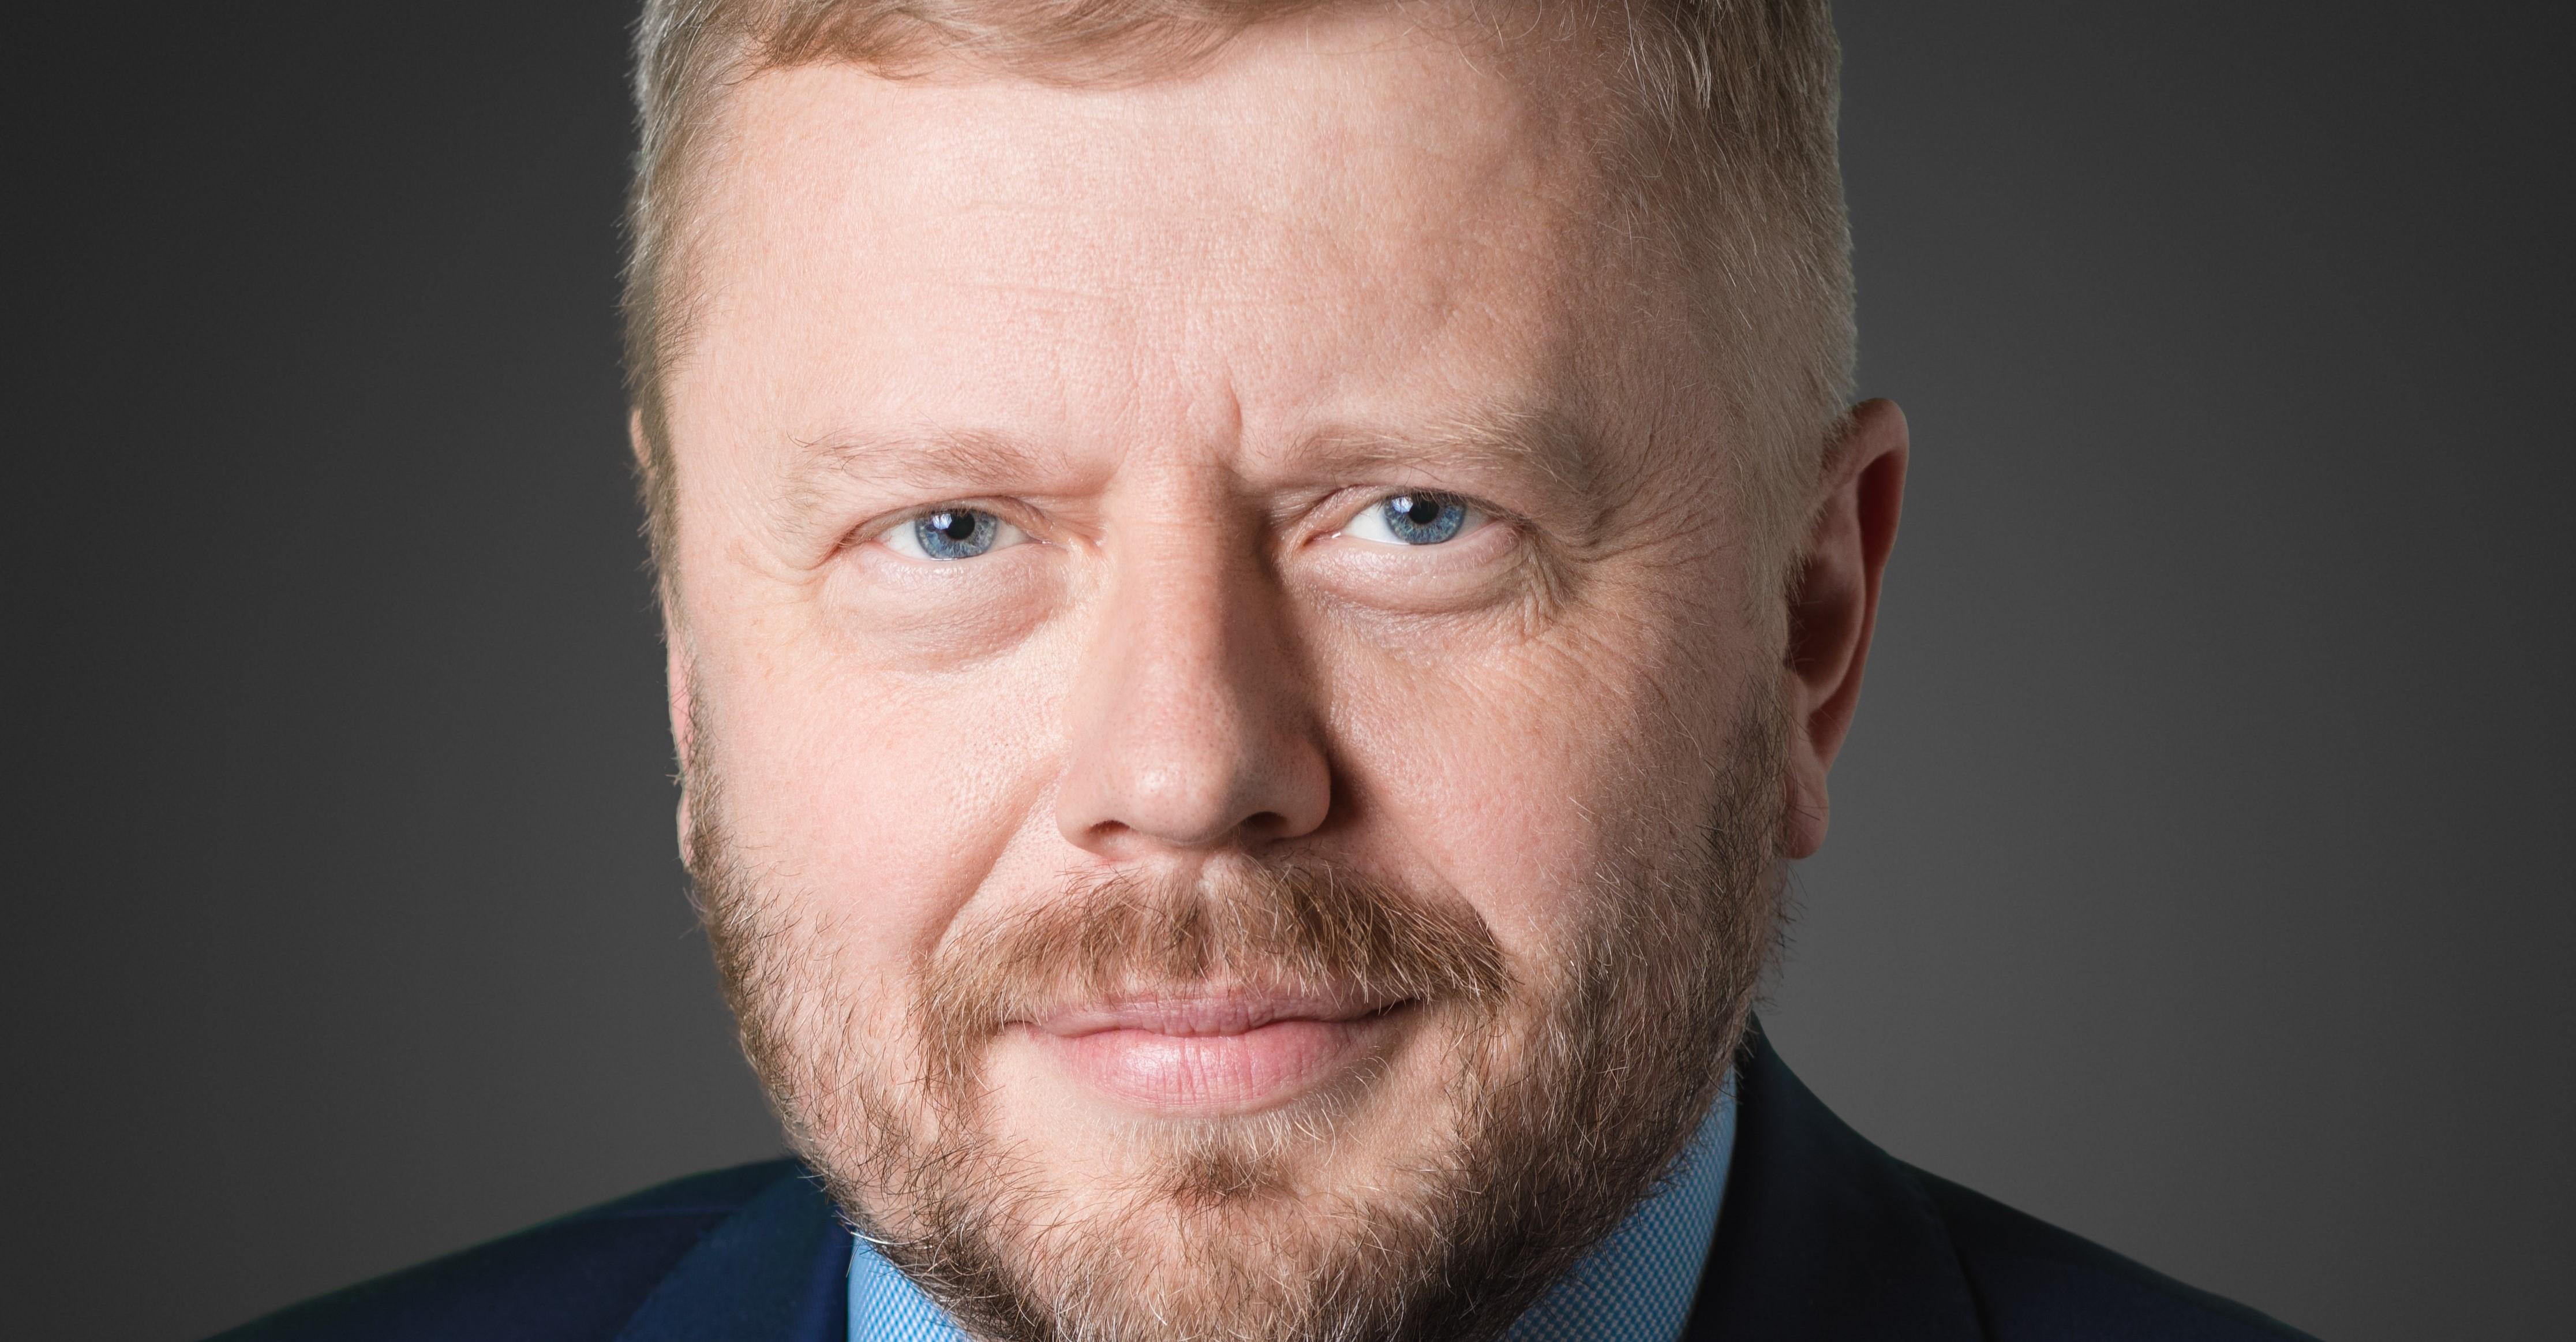 Maciej Witucki Przewodniczącym Rady Nadzorczej Krynicy Vitamin